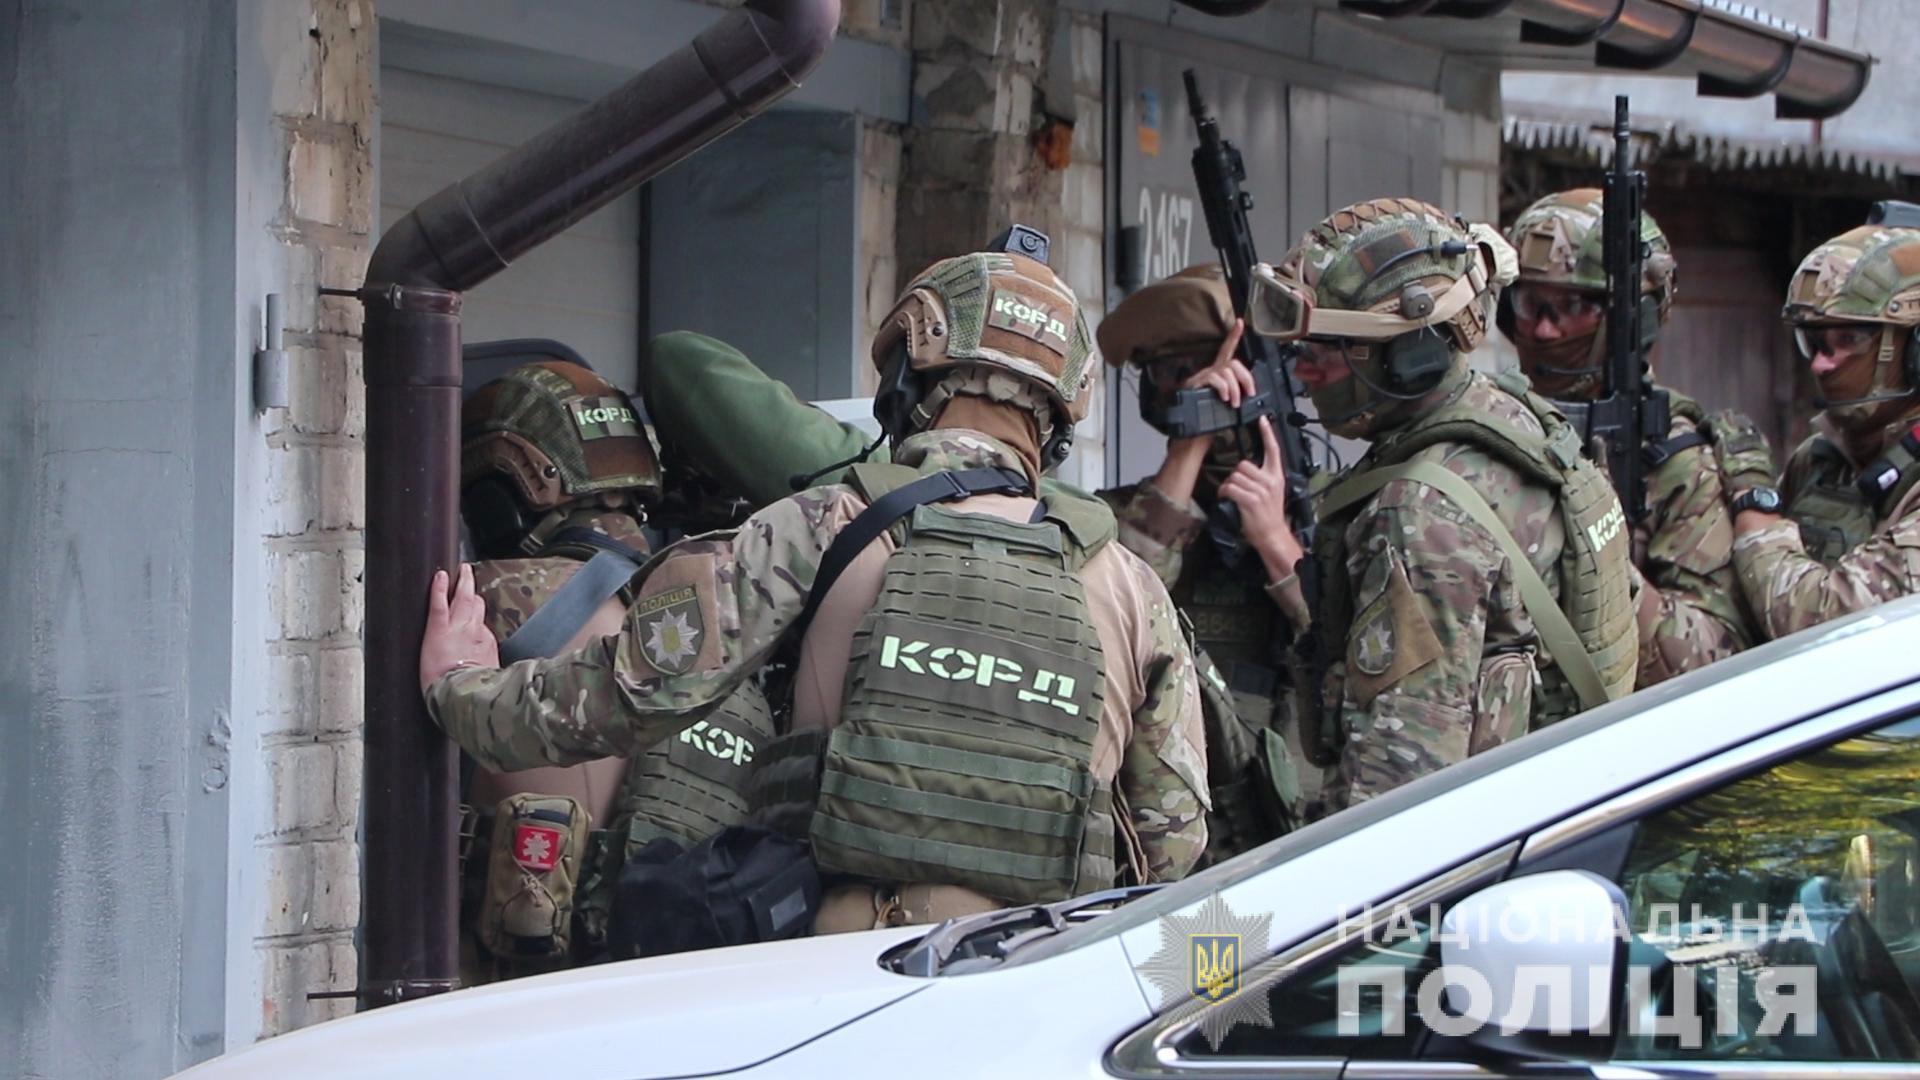 Спецназовцы проникли внутрь помещения.